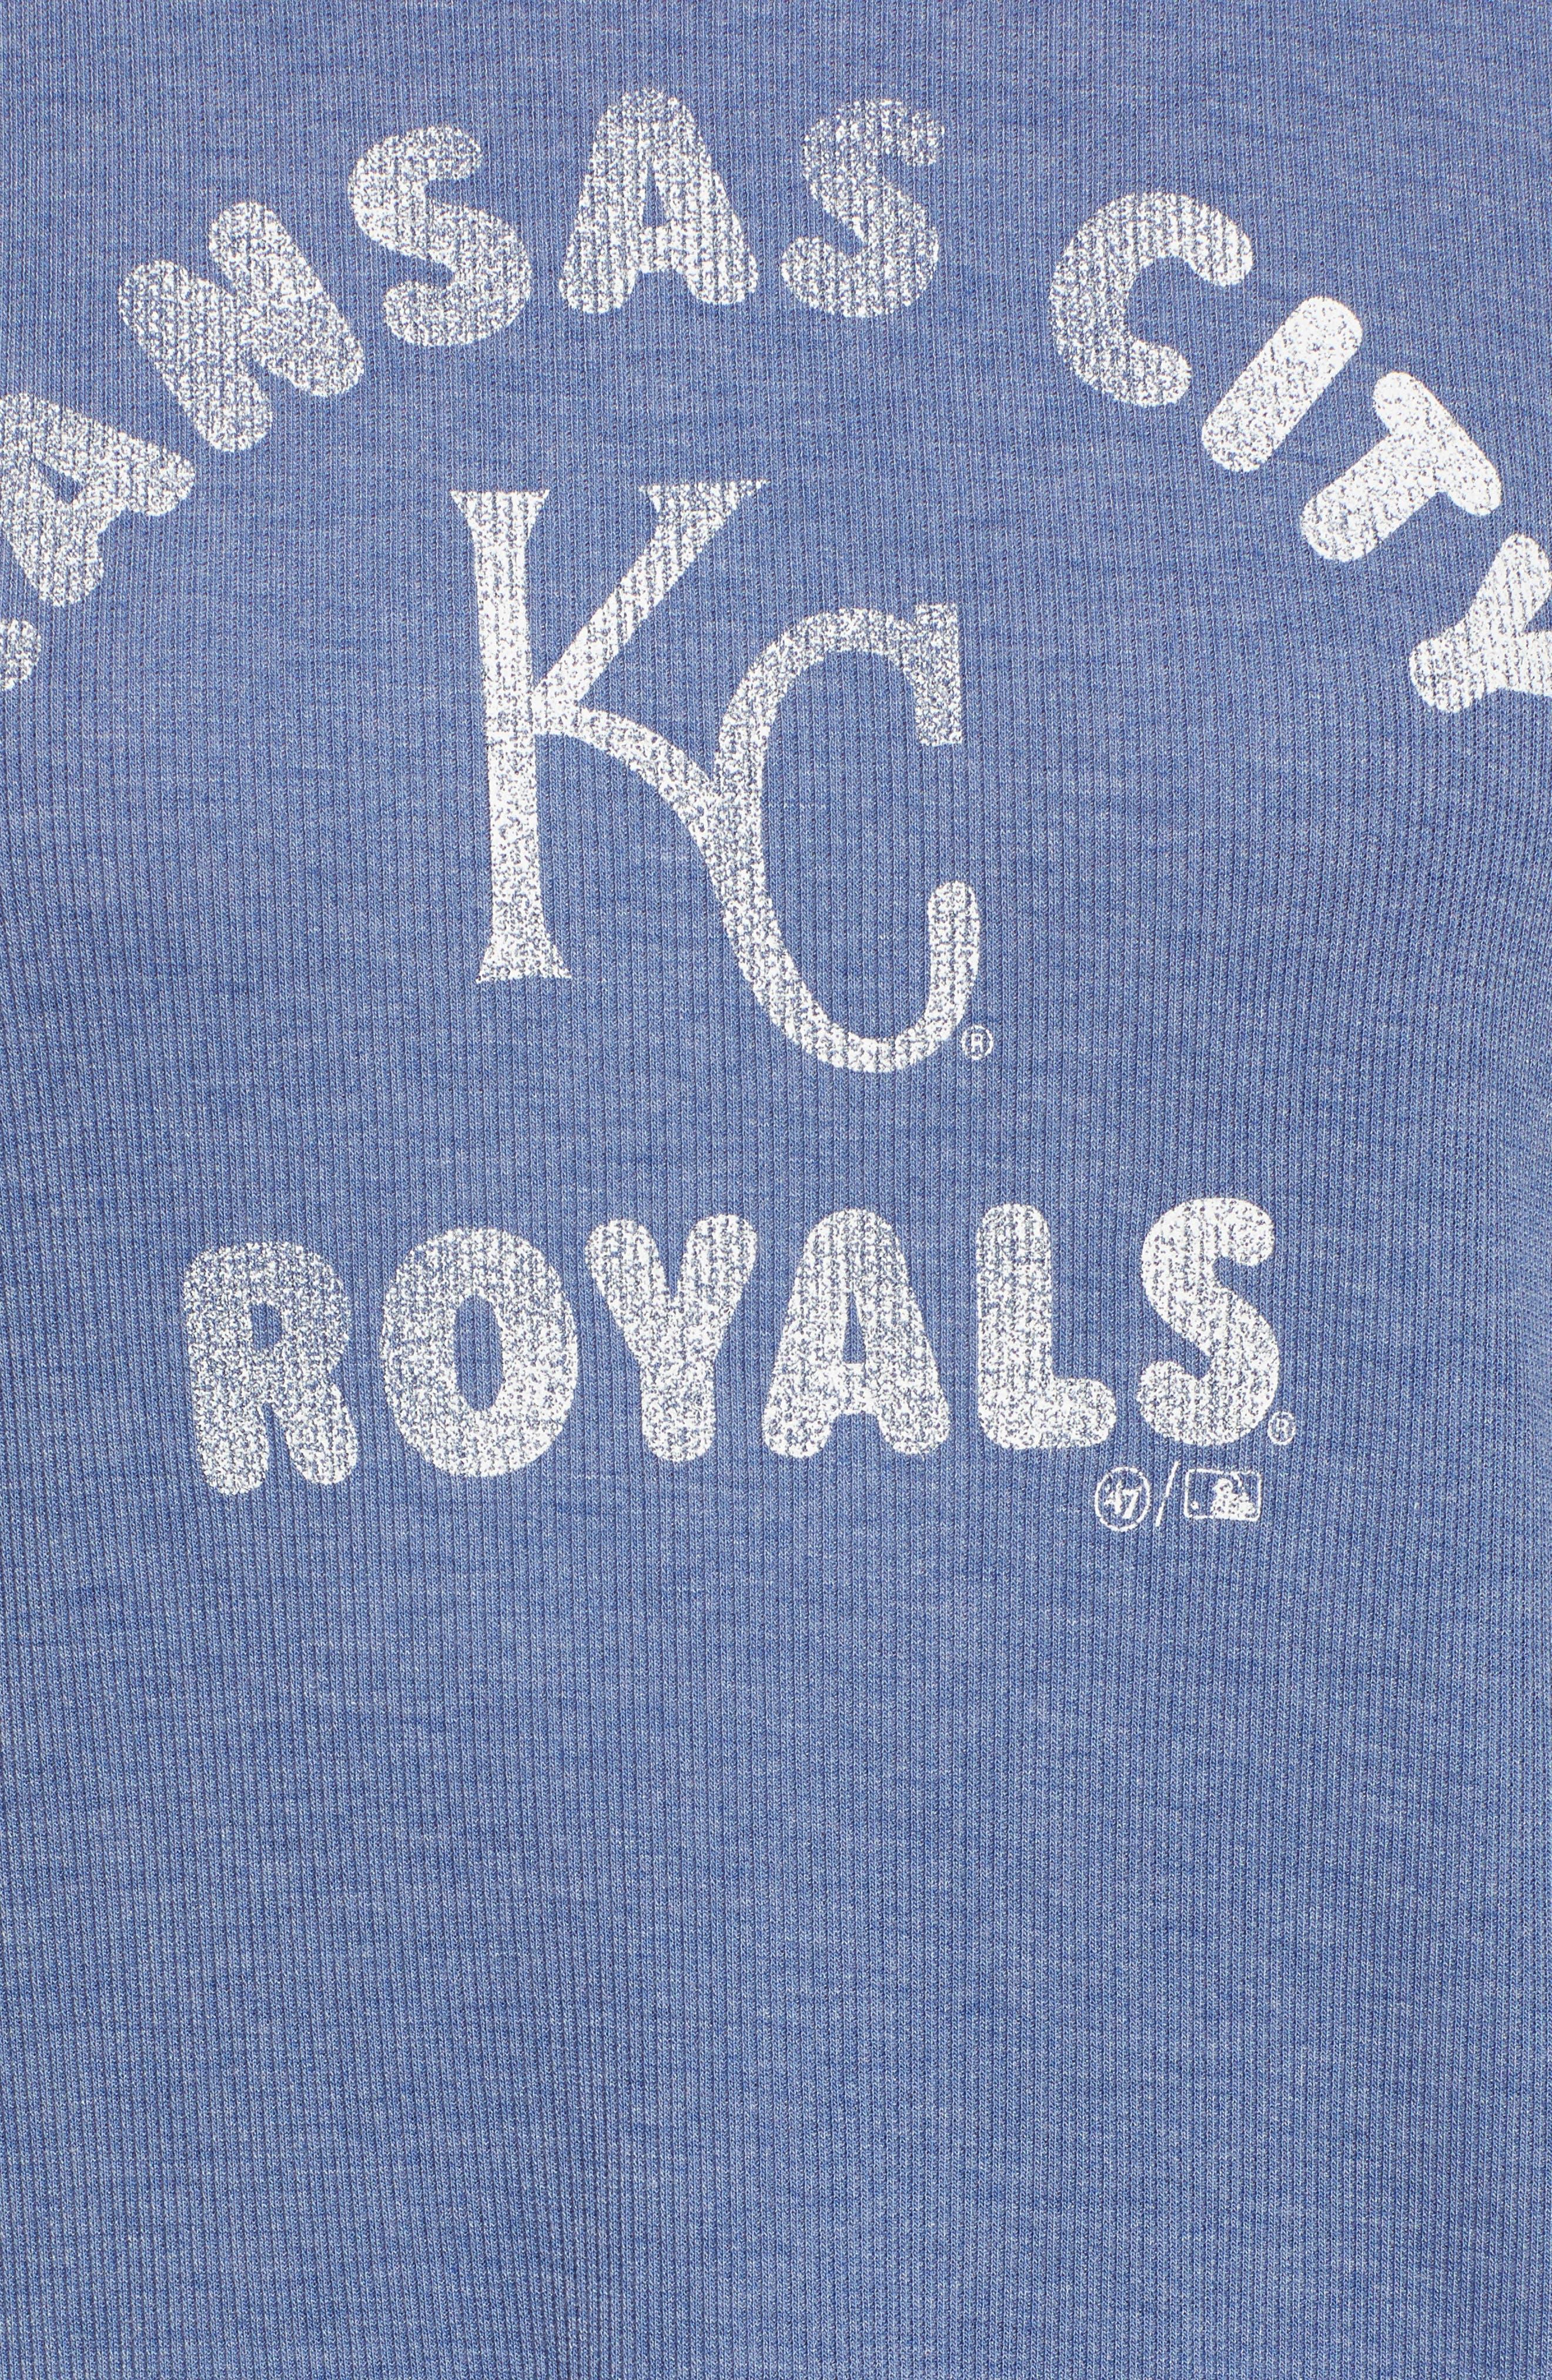 Campbell Kansas City Royals Rib Knit Hooded Top,                             Alternate thumbnail 6, color,